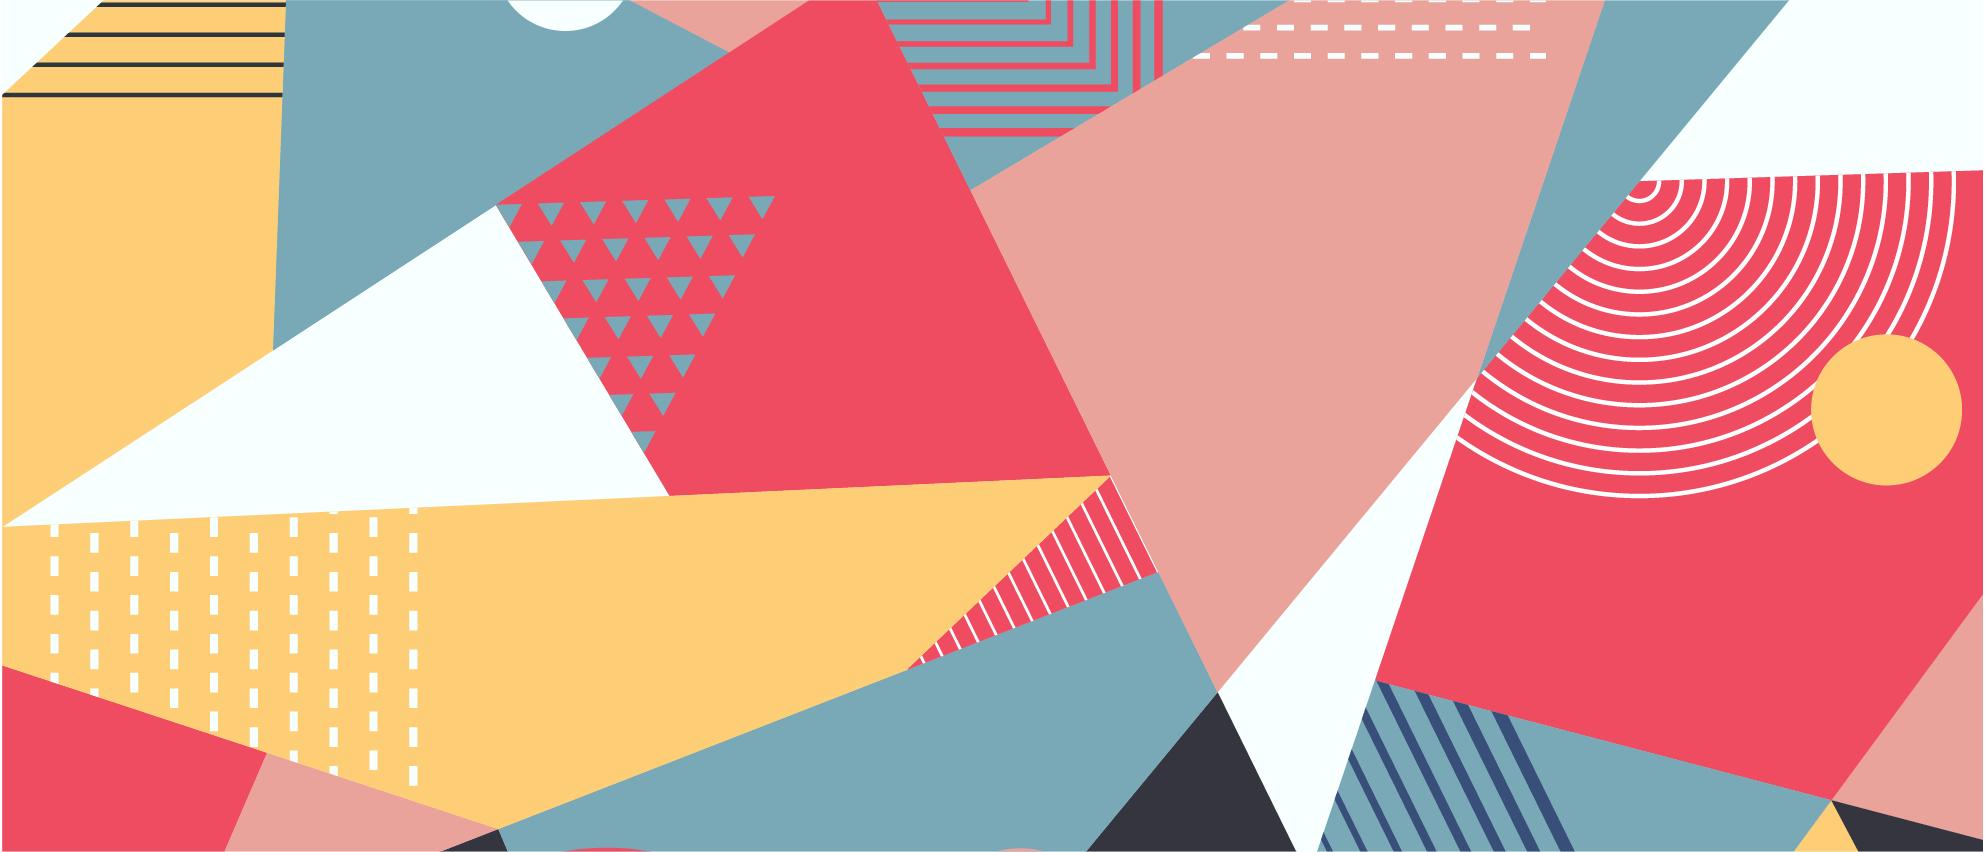 TenVinilo. Alfombra vinílica arte geométrico colorido. Este fantástico diseño moderno de alfombra vinílica moderna presenta varios triángulos y otras formas coloridas ¡Envío express!